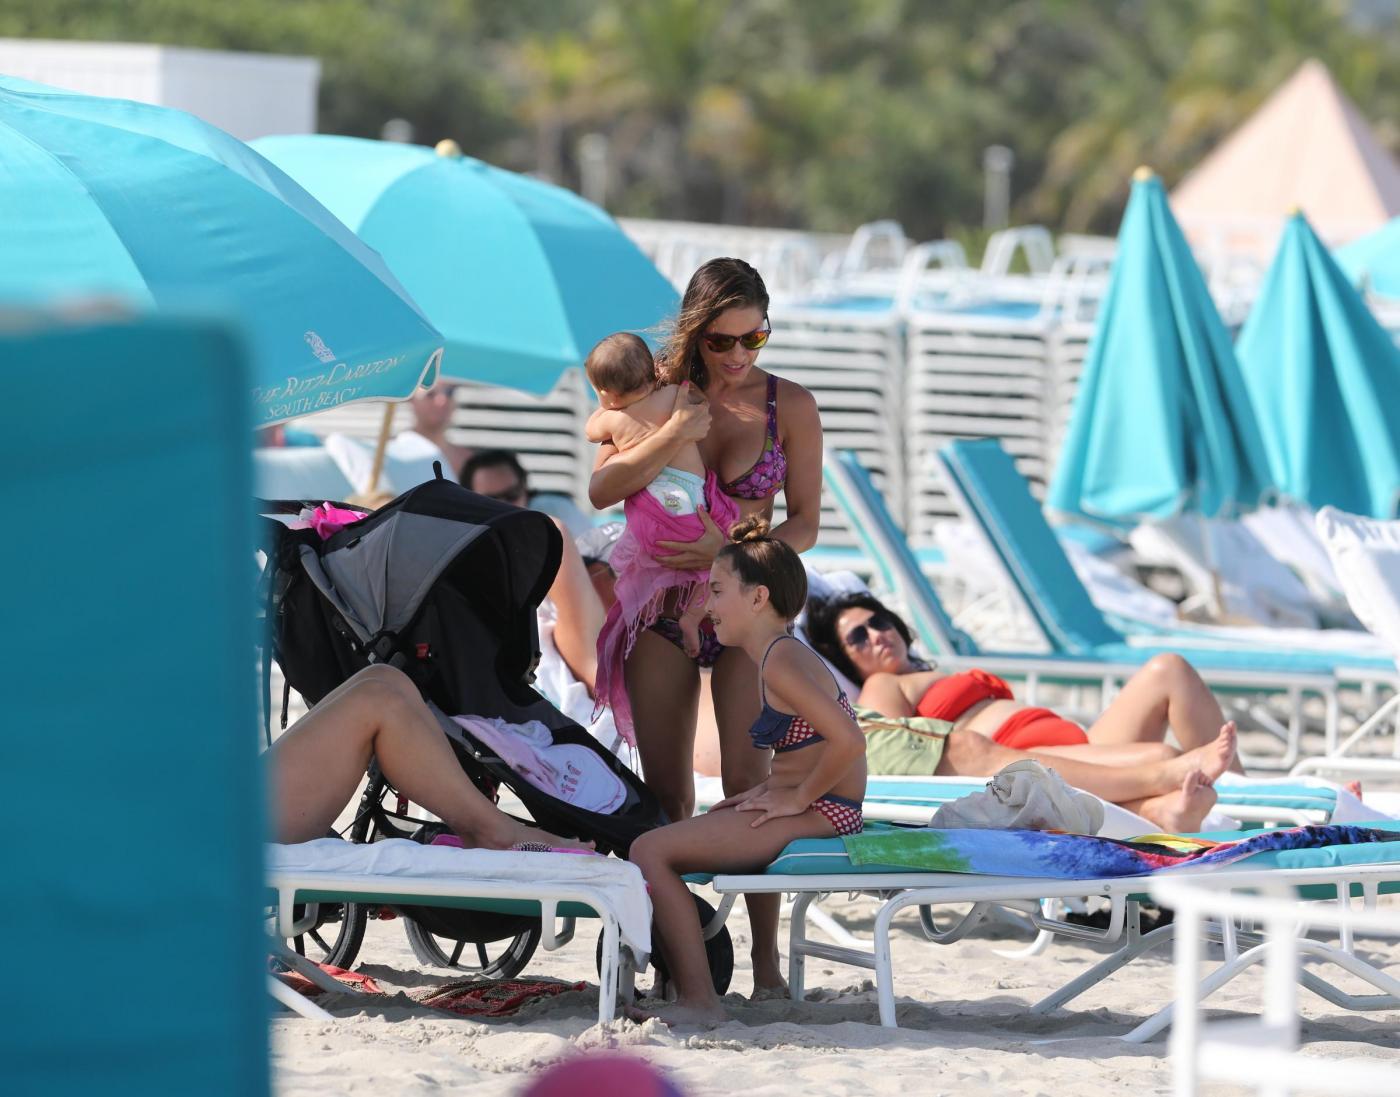 Lola Ponce in spiaggia a Miami con la piccola Erin02